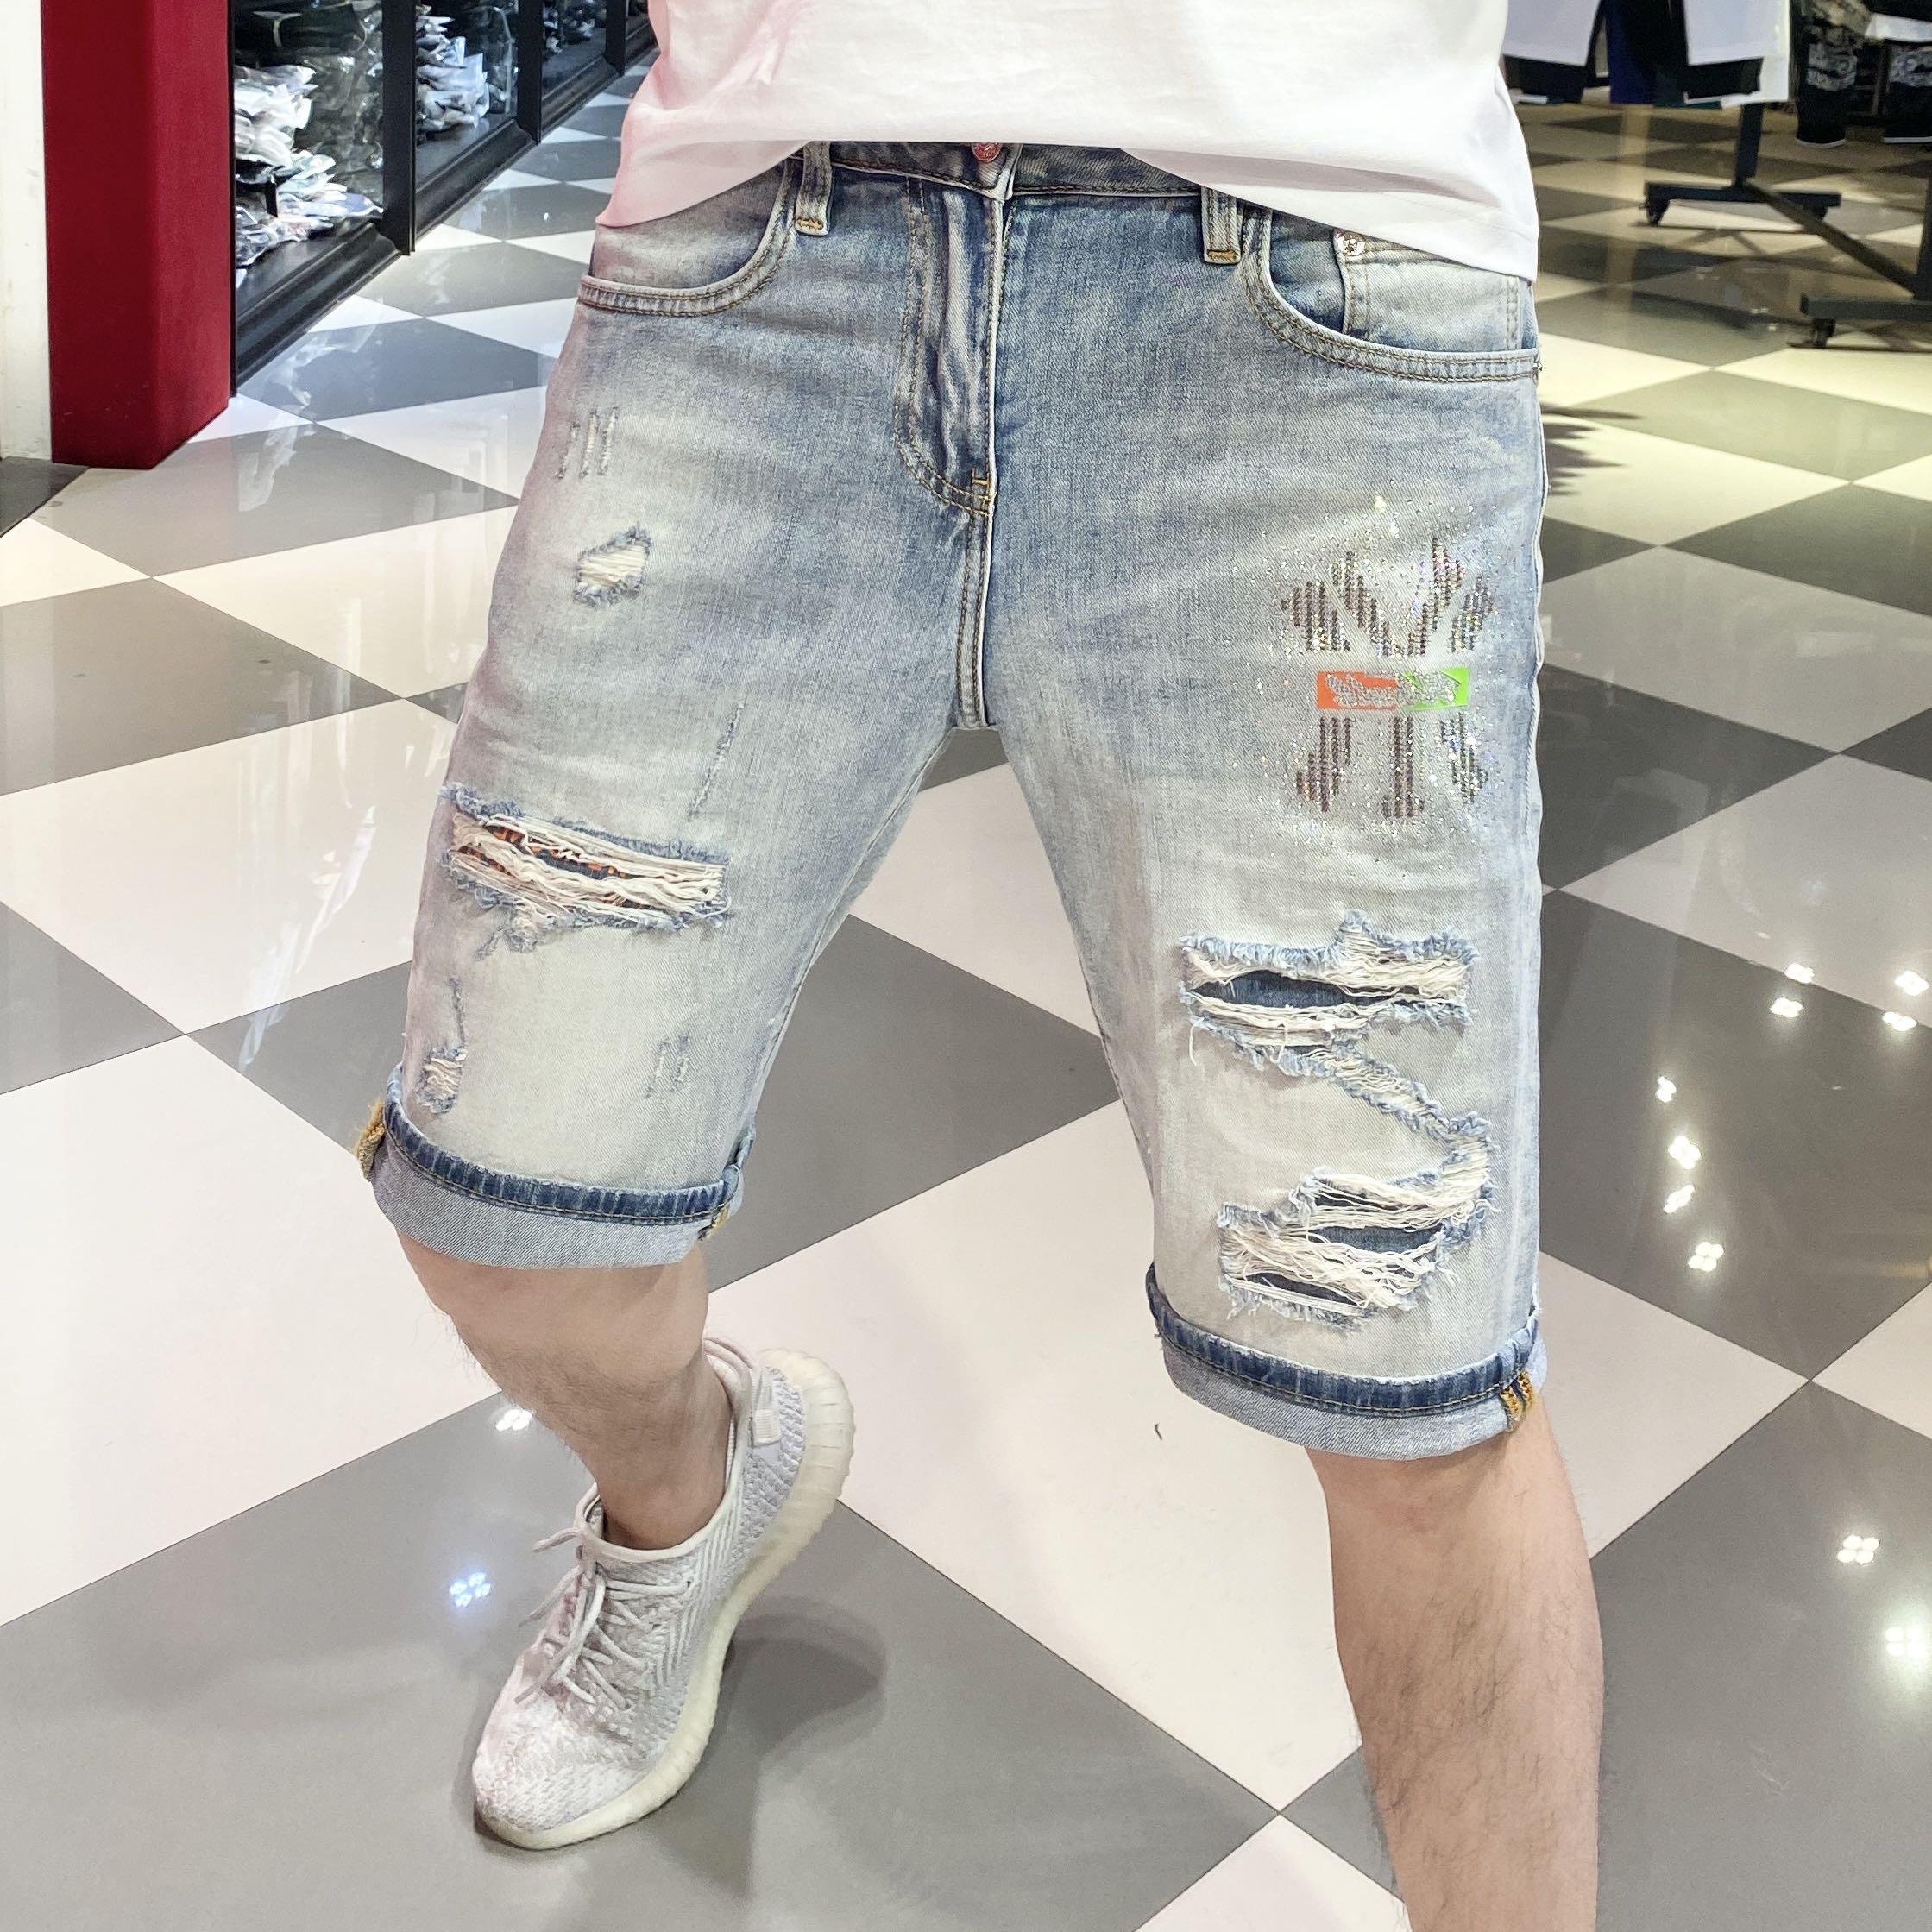 2020欧洲站夏季时尚潮牌帅气破洞烫钻男士牛仔短裤潮流五分中裤潮